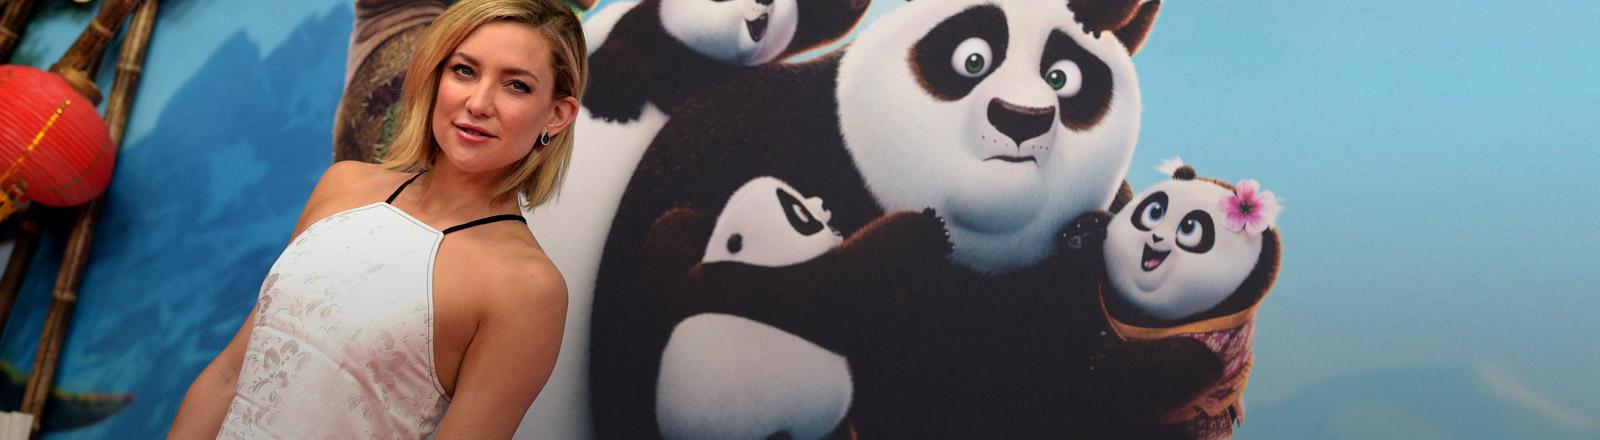 """Kate Hudson vor einem Plakat des Films """"Kung Fu Panda 3"""""""